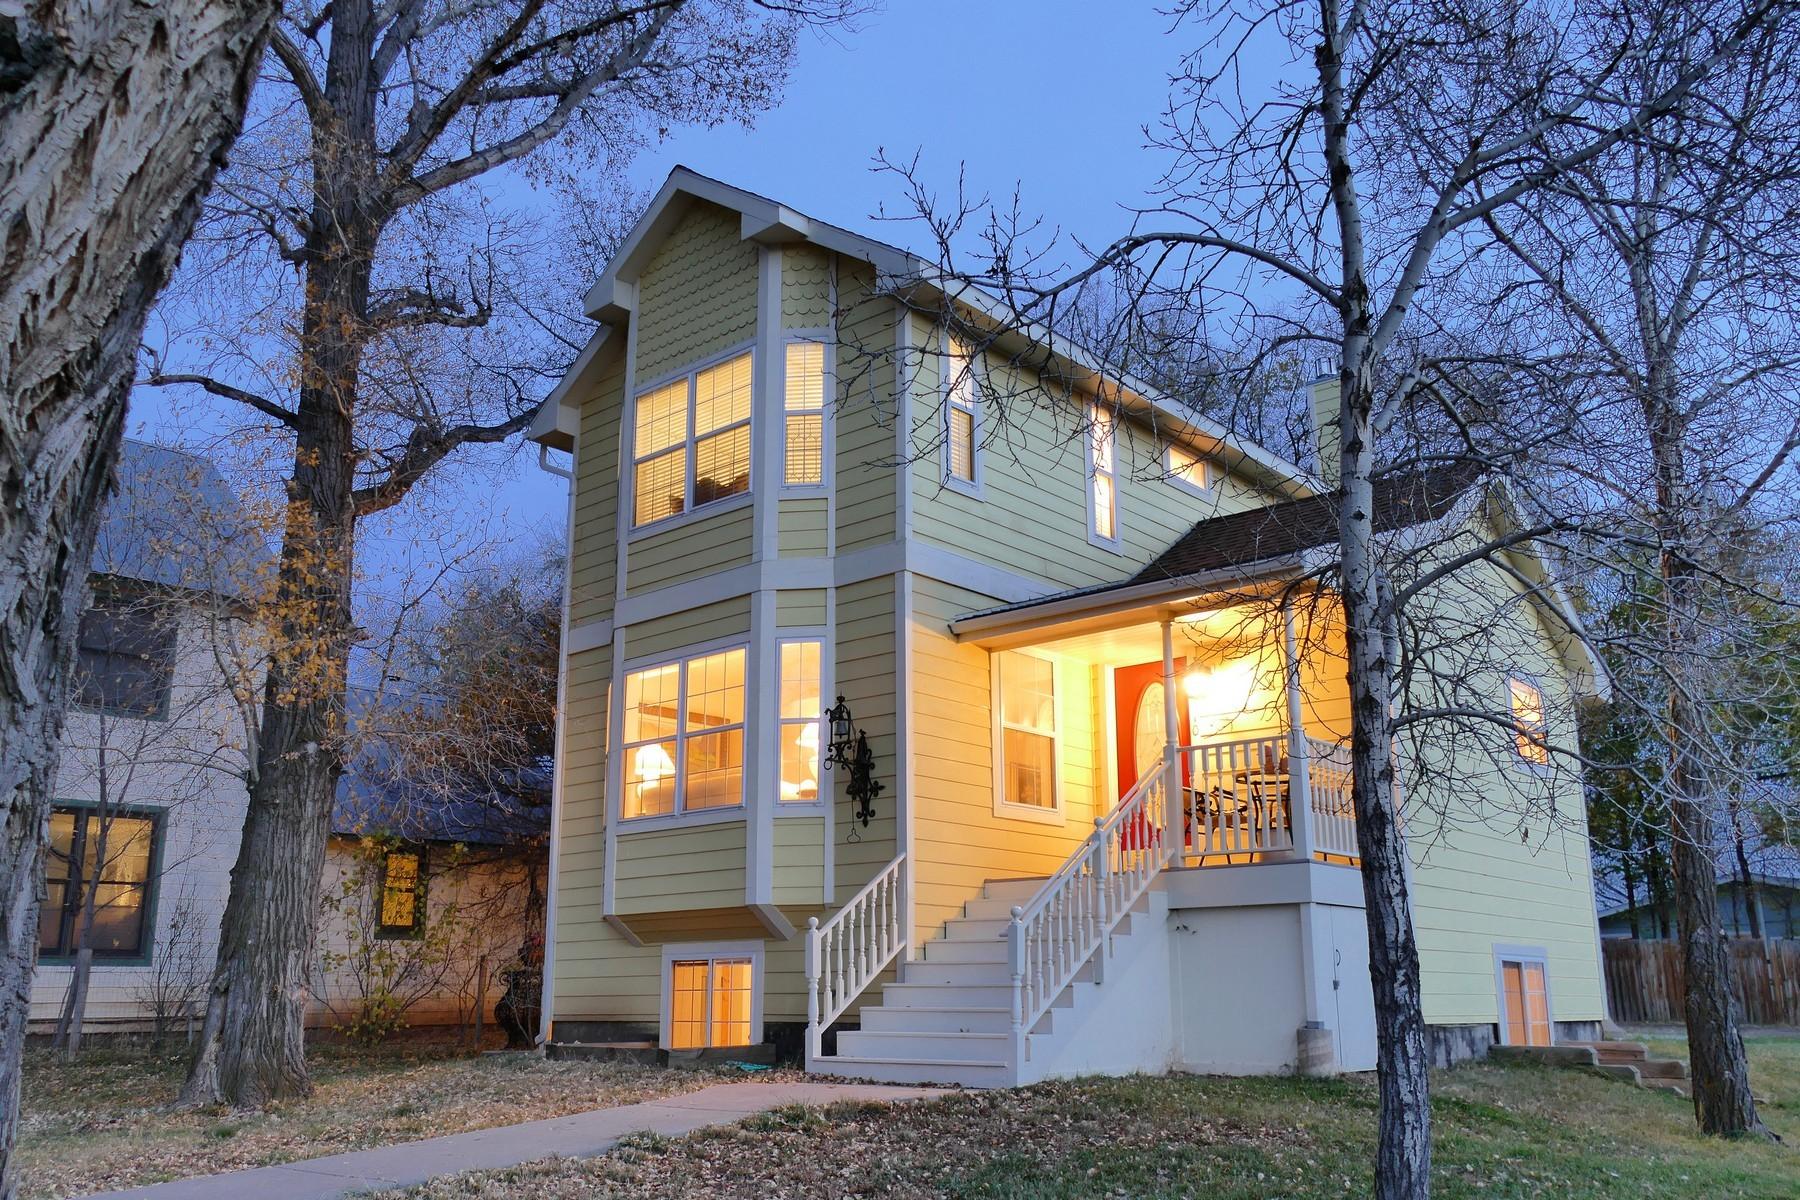 Частный односемейный дом для того Продажа на 1310 Naturita Street Norwood, Колорадо, 81423 Соединенные Штаты